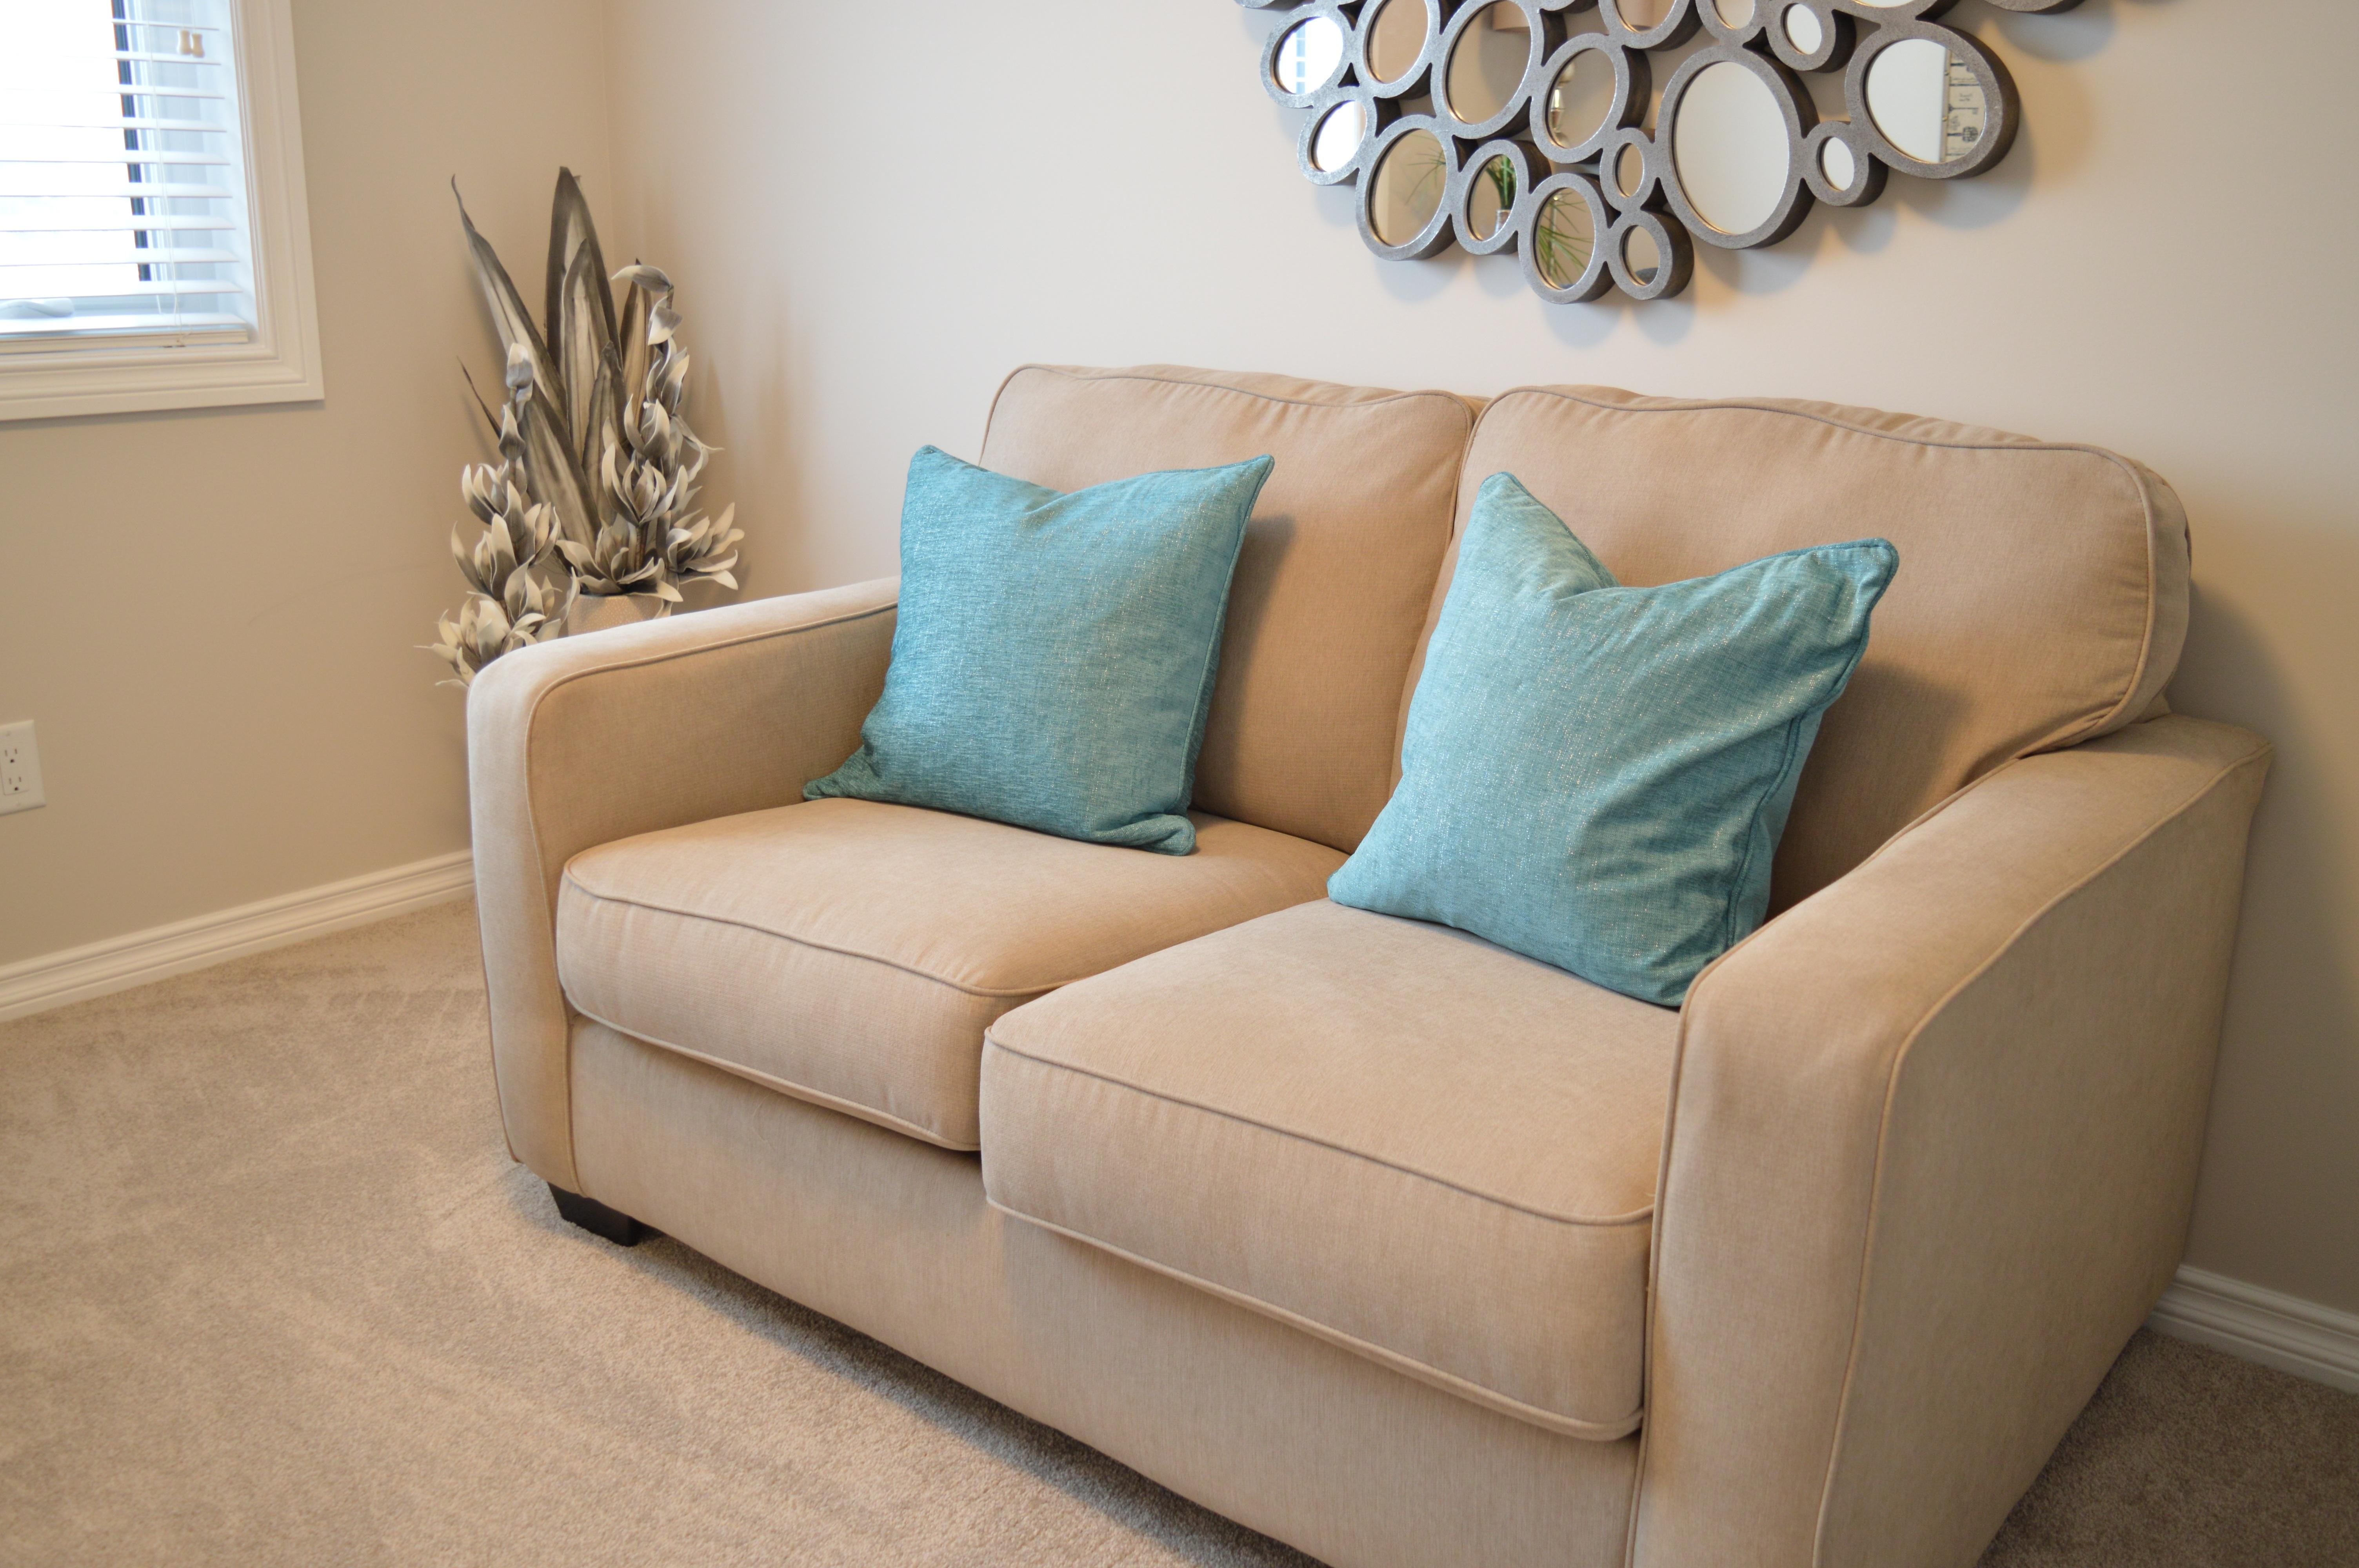 Limpieza y higienización de sofás